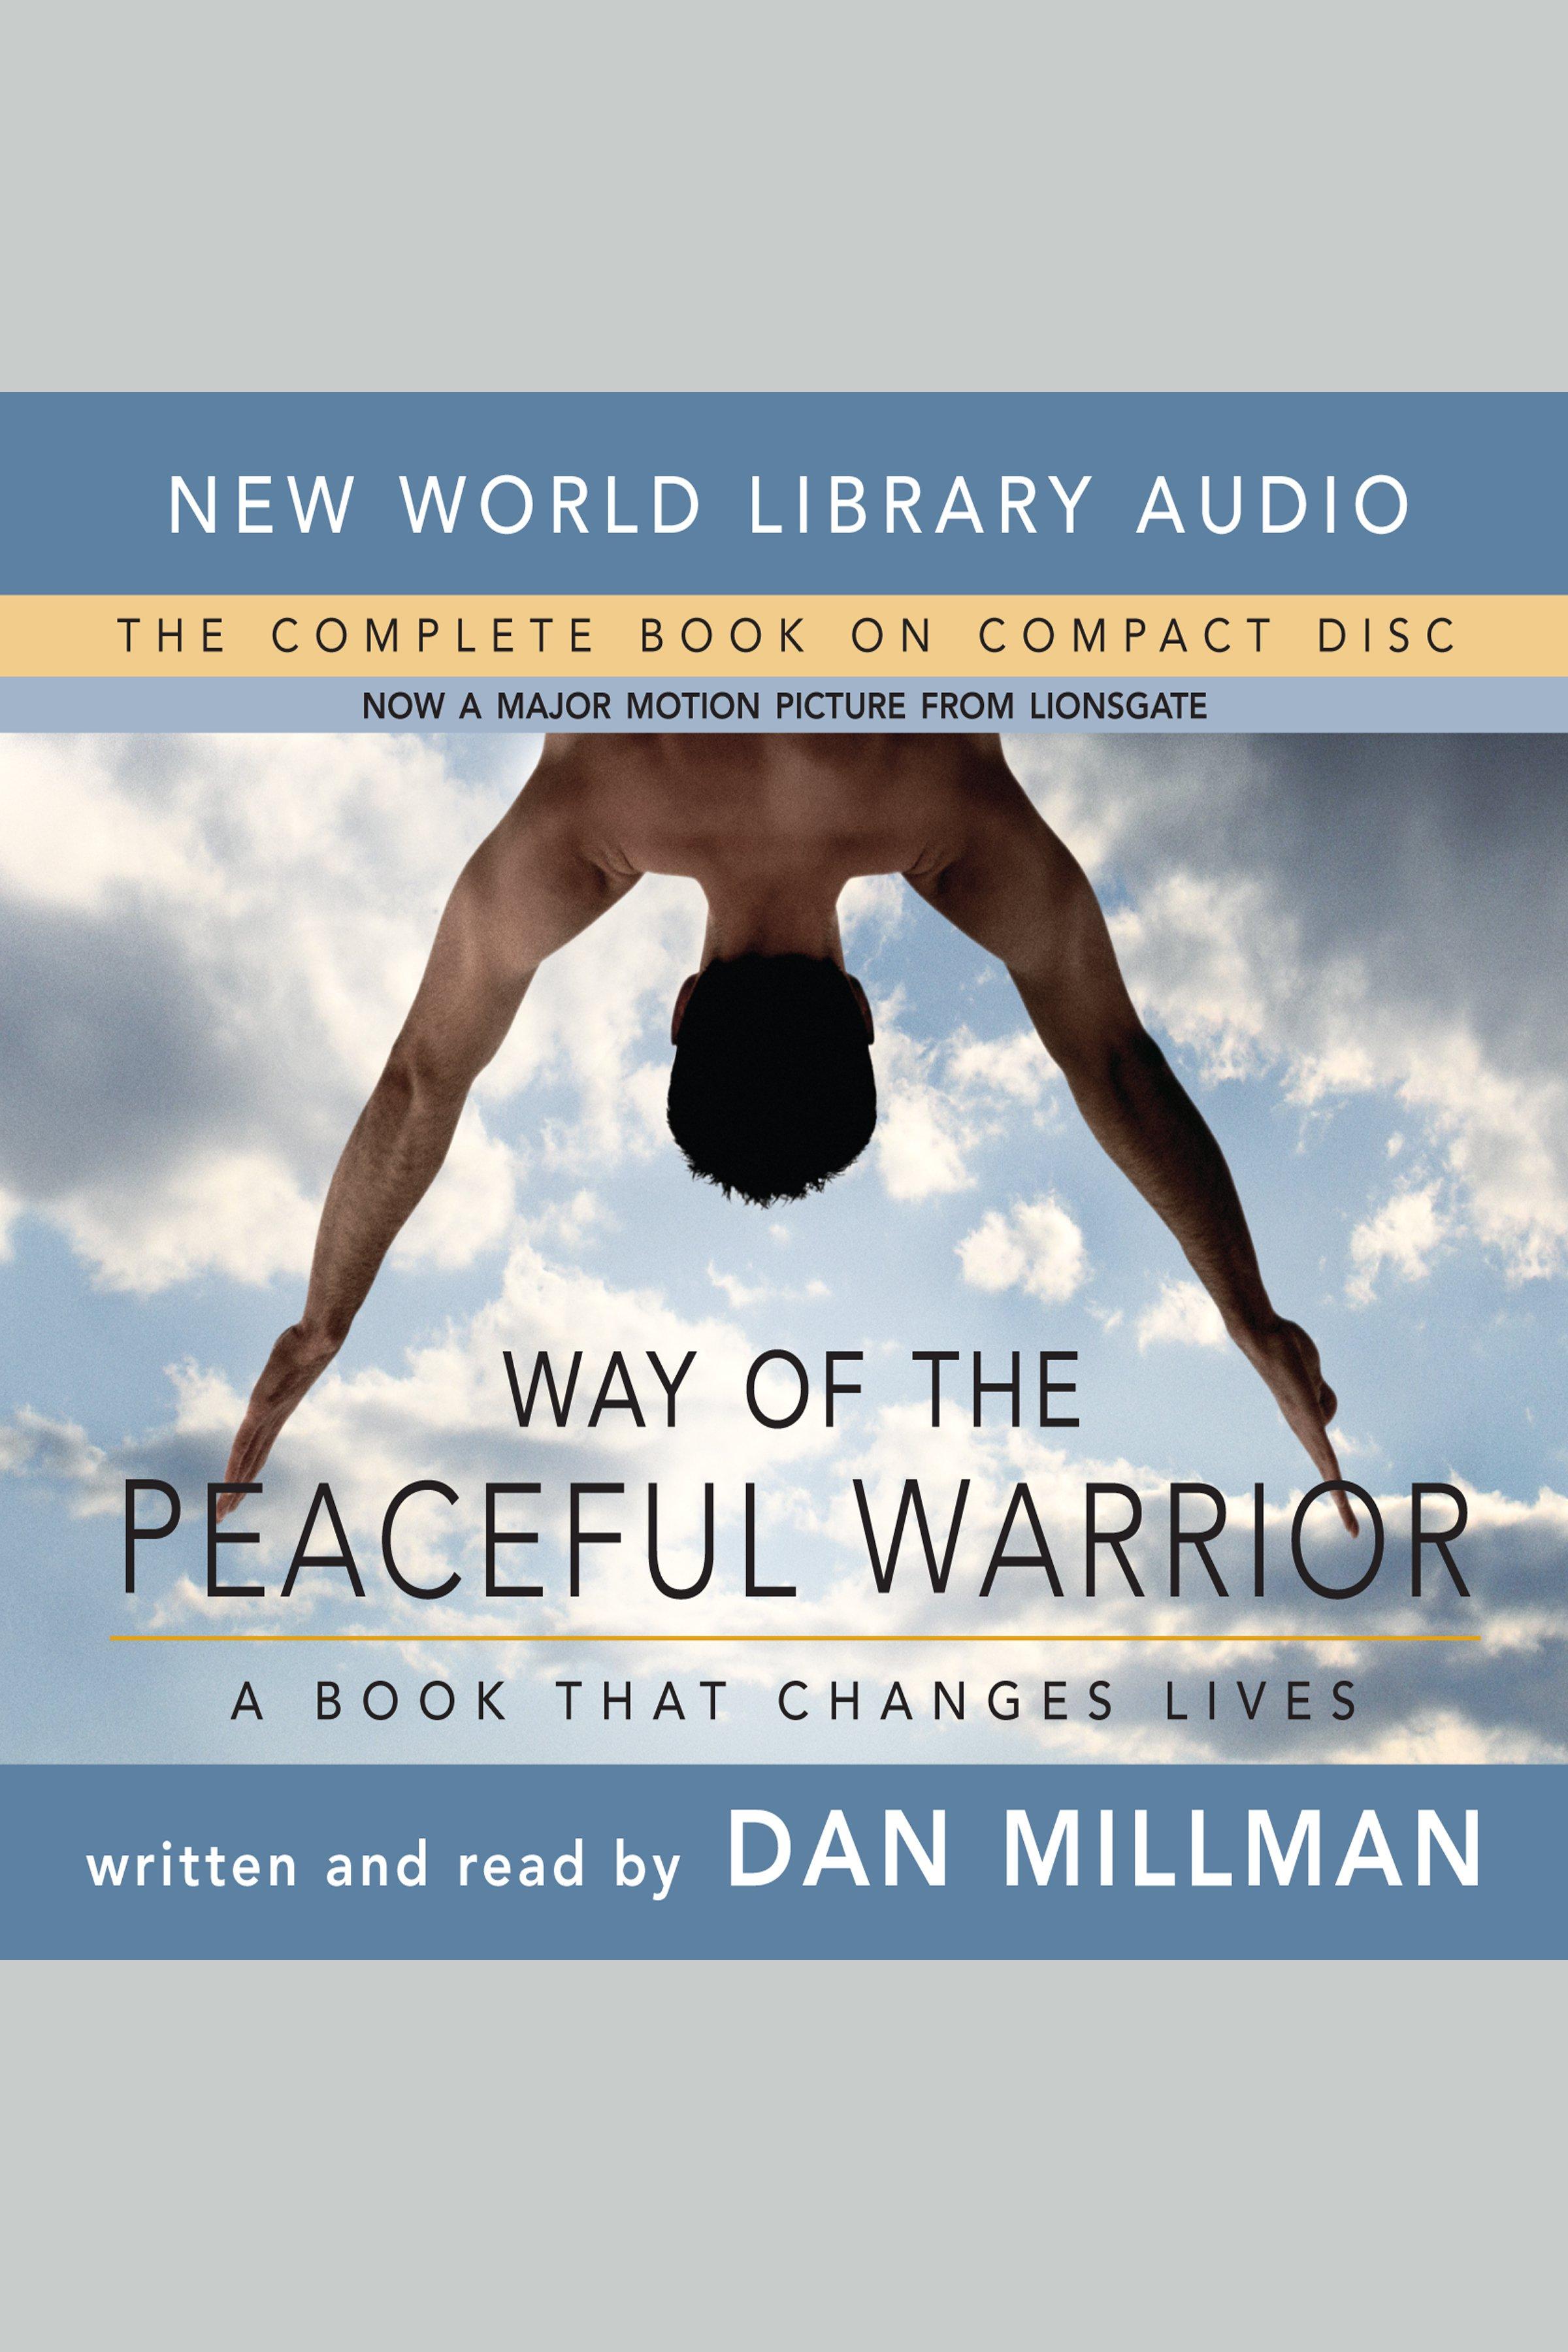 Esta es la portada del audiolibro Way of the Peaceful Warrior